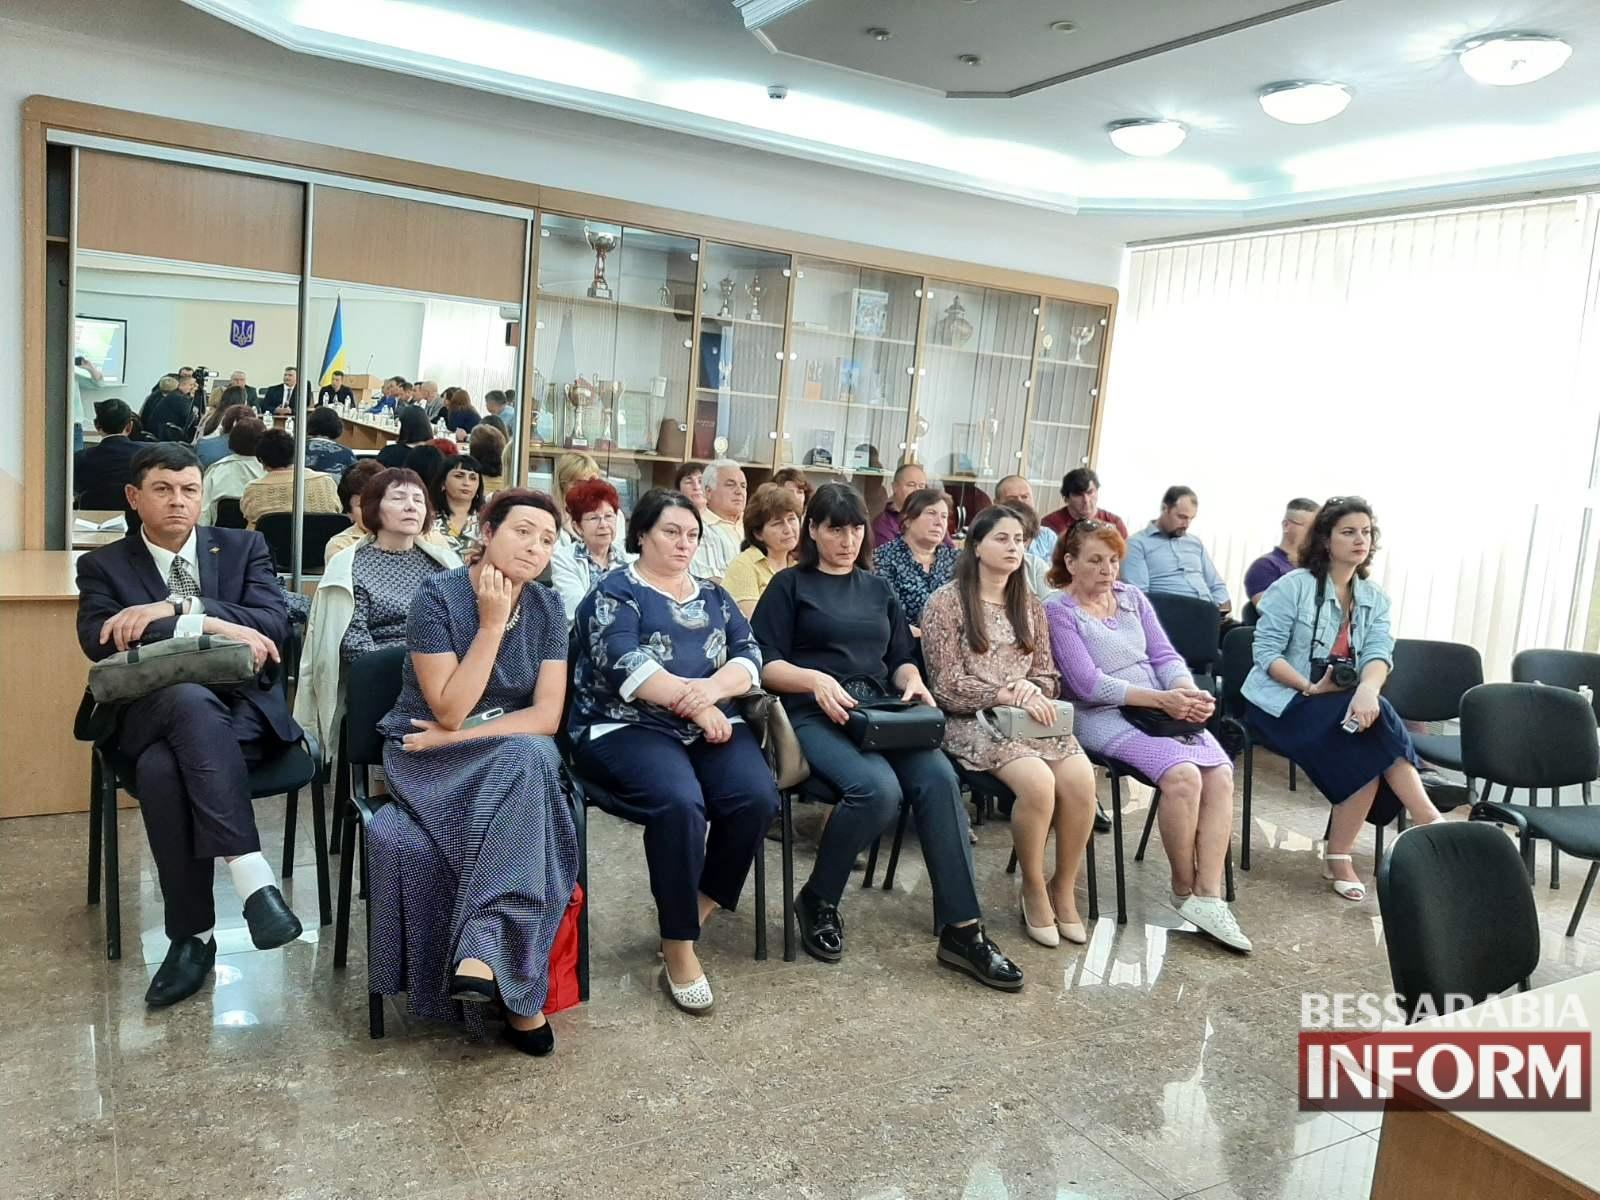 Этнические румыны Одесской области и их перспективы: в Измаиле провели Международный форум с участием делегации высокого уровня